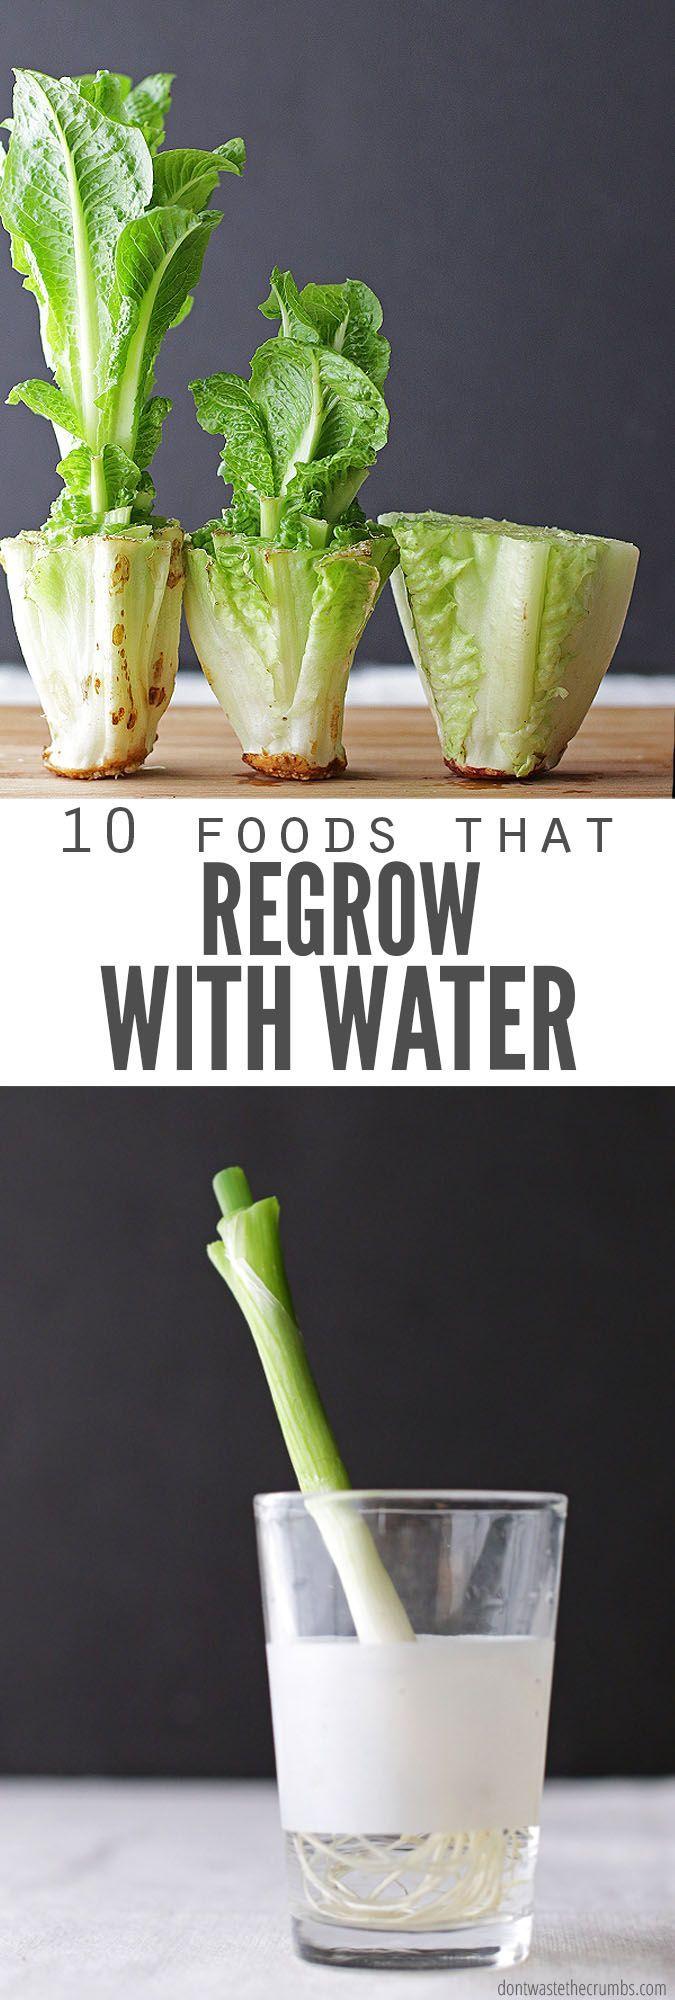 Nachwachsen von Lebensmitteln in Wasser: 10 Lebensmittel, die ohne Schmutz nachwachsen